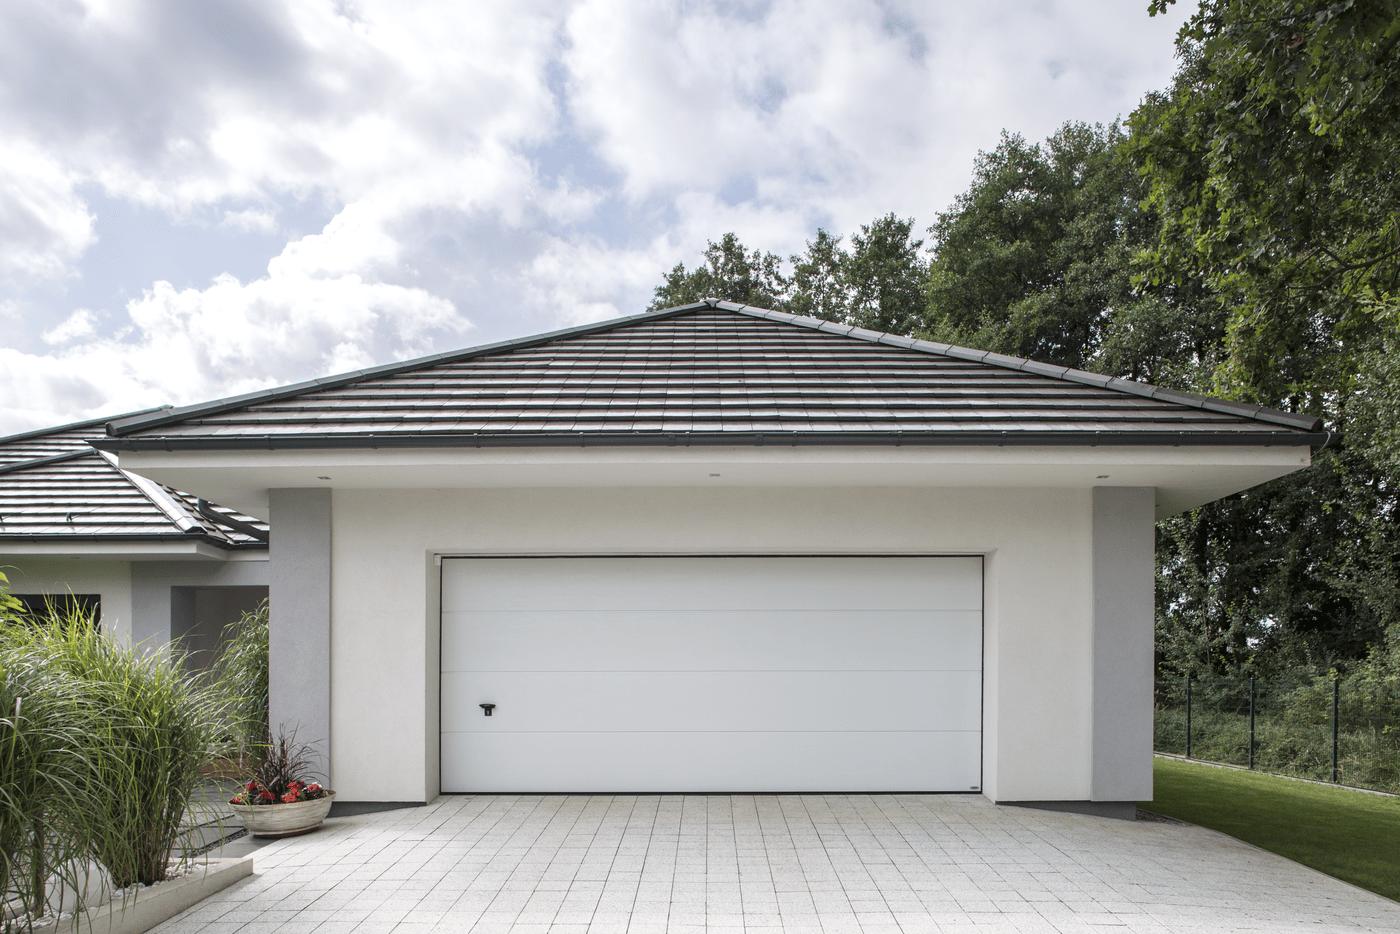 biała brama garażowa w białym garażu z szarą dachówką na zielonym tle